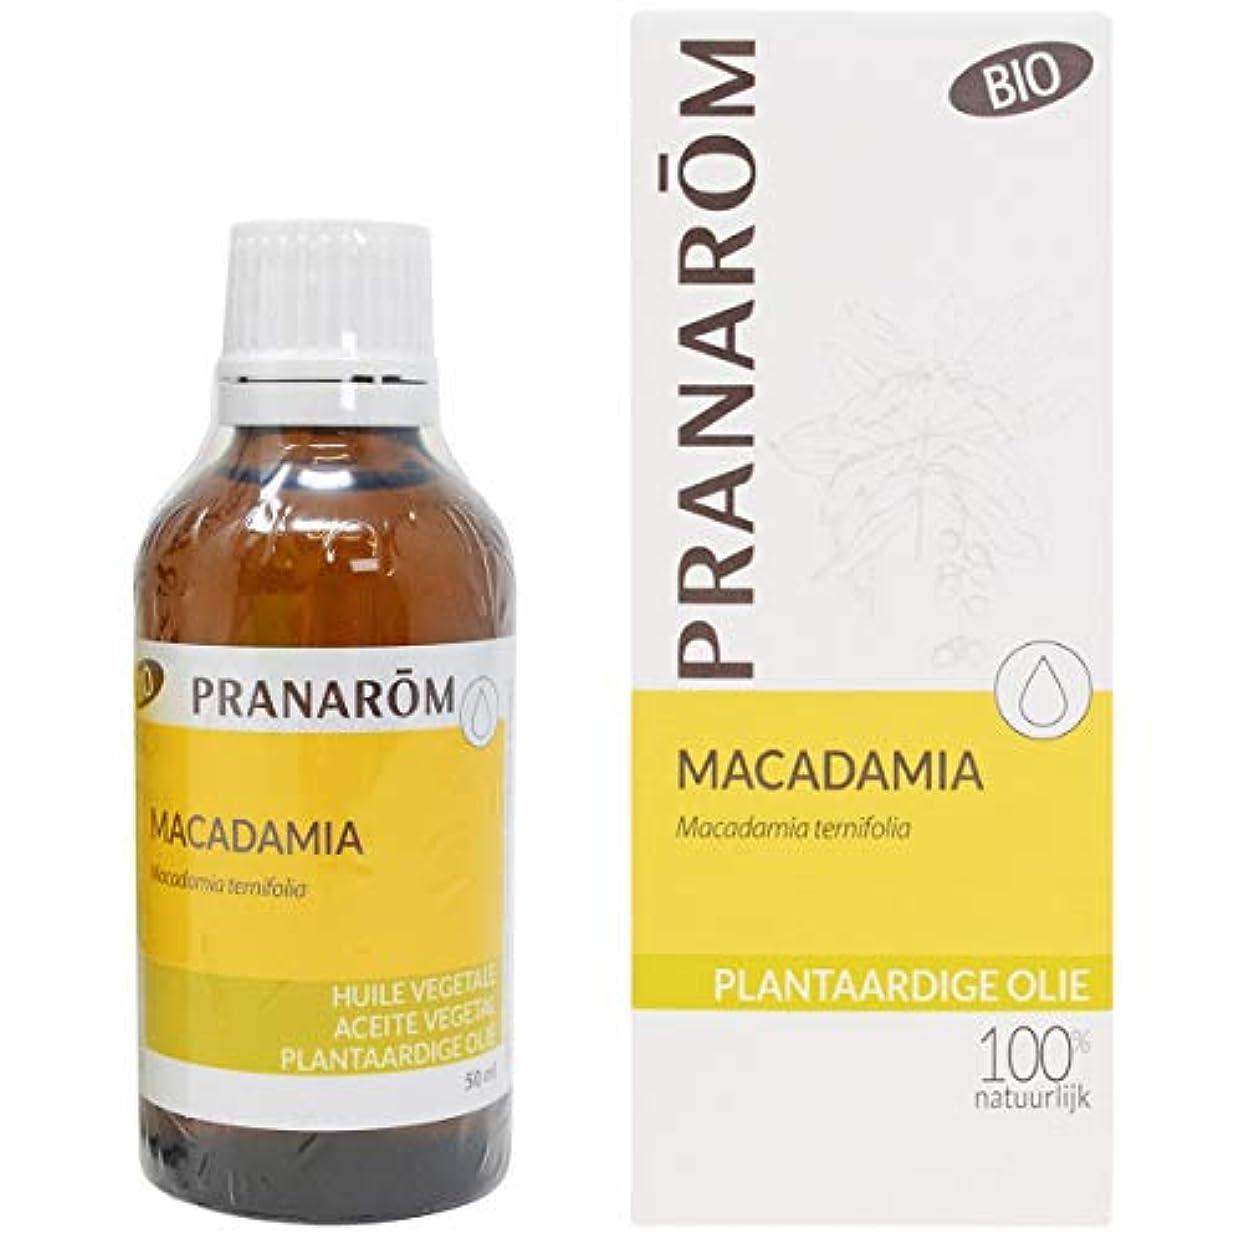 できれば永遠の調和のとれたプラナロム マカデミア 50ml (PRANAROM 植物油)